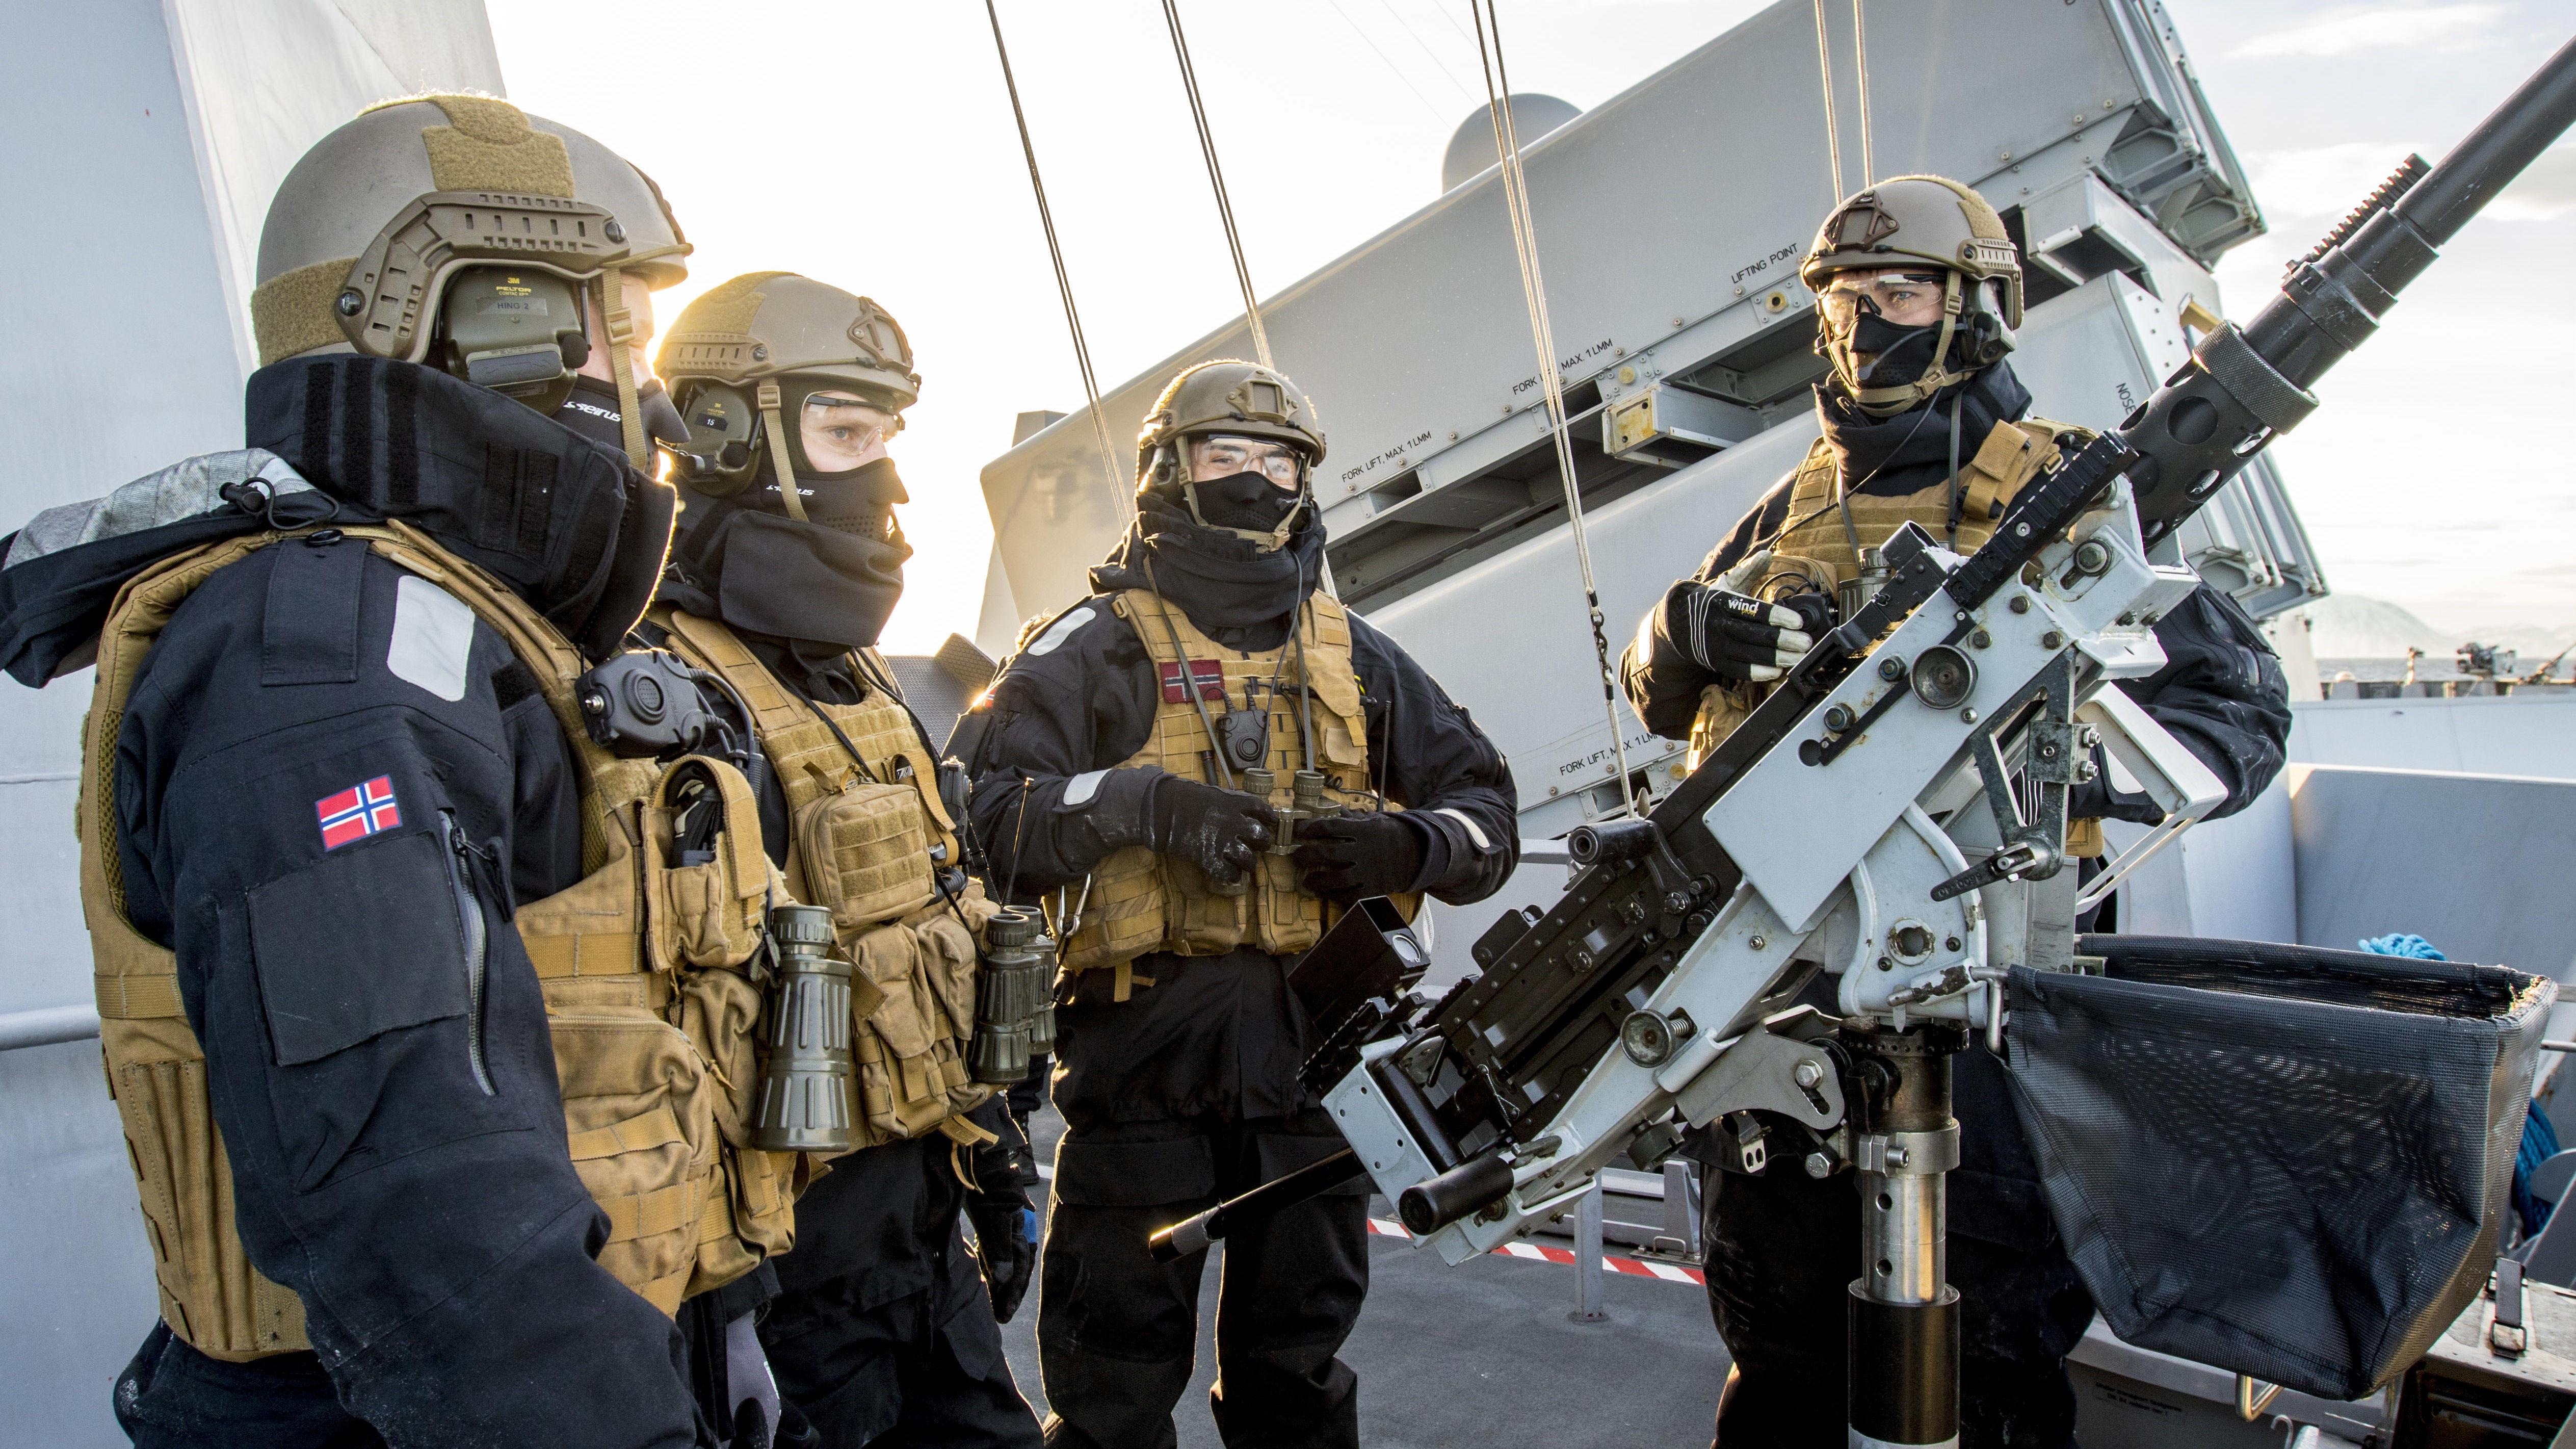 ØVELSE: Her planlegges det før en skyteøvelse med 12.7 mm mitraljøse om bord en kystkorvette i Skjold-klassen. Korvettene vil bli faset ut når F-35 er innført og utstyrt med Joint Strike Missile (JSM). I artikkelen nedenfor får du se hvordan Norges nye marine blir.